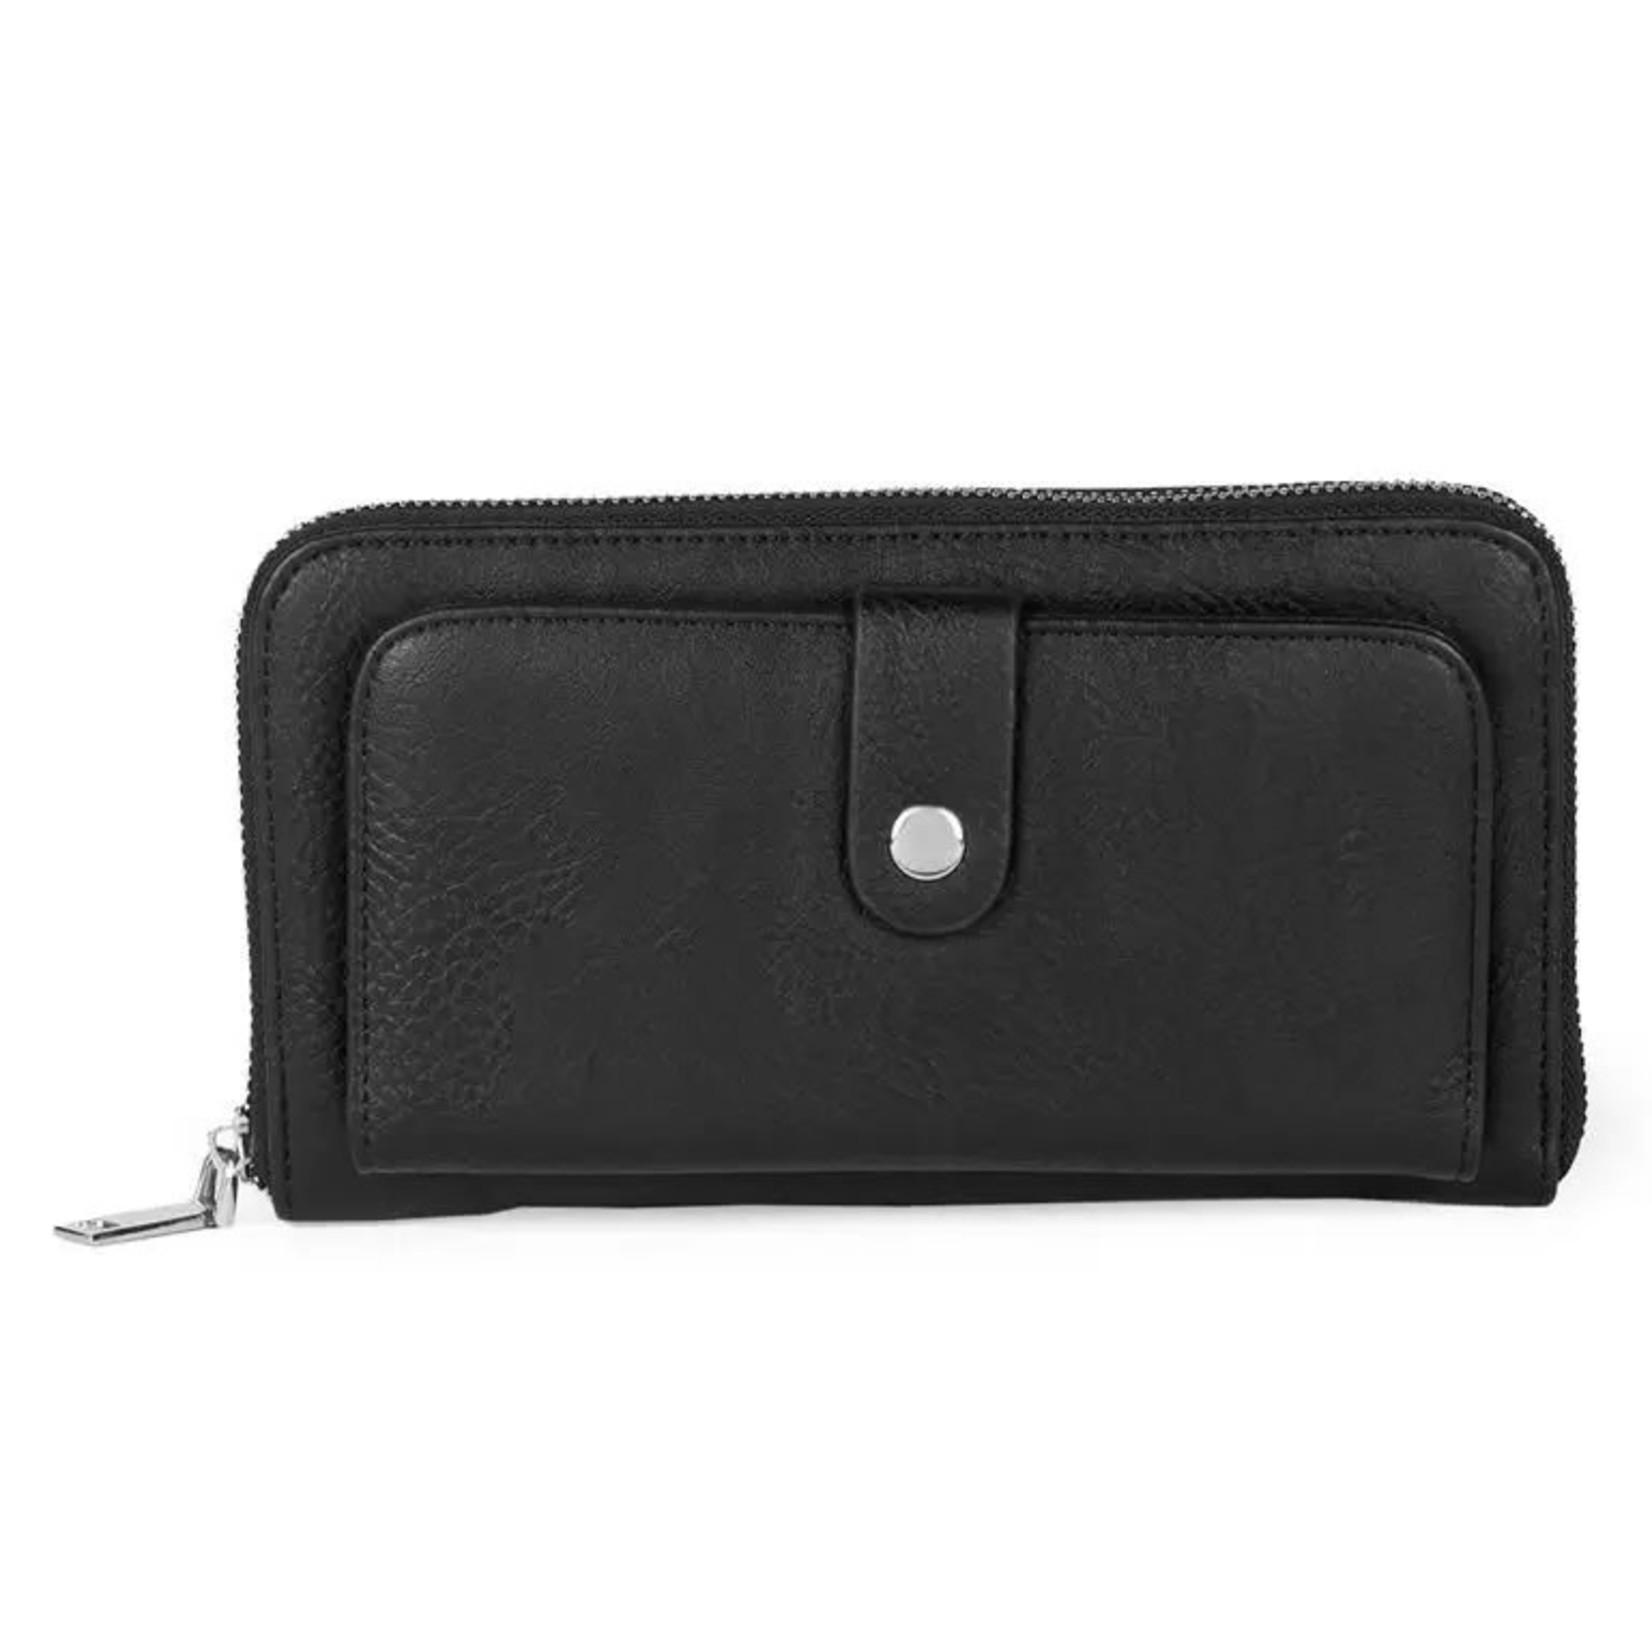 Coco+Carmen Accessories: Black Everyday Organizer Wallet